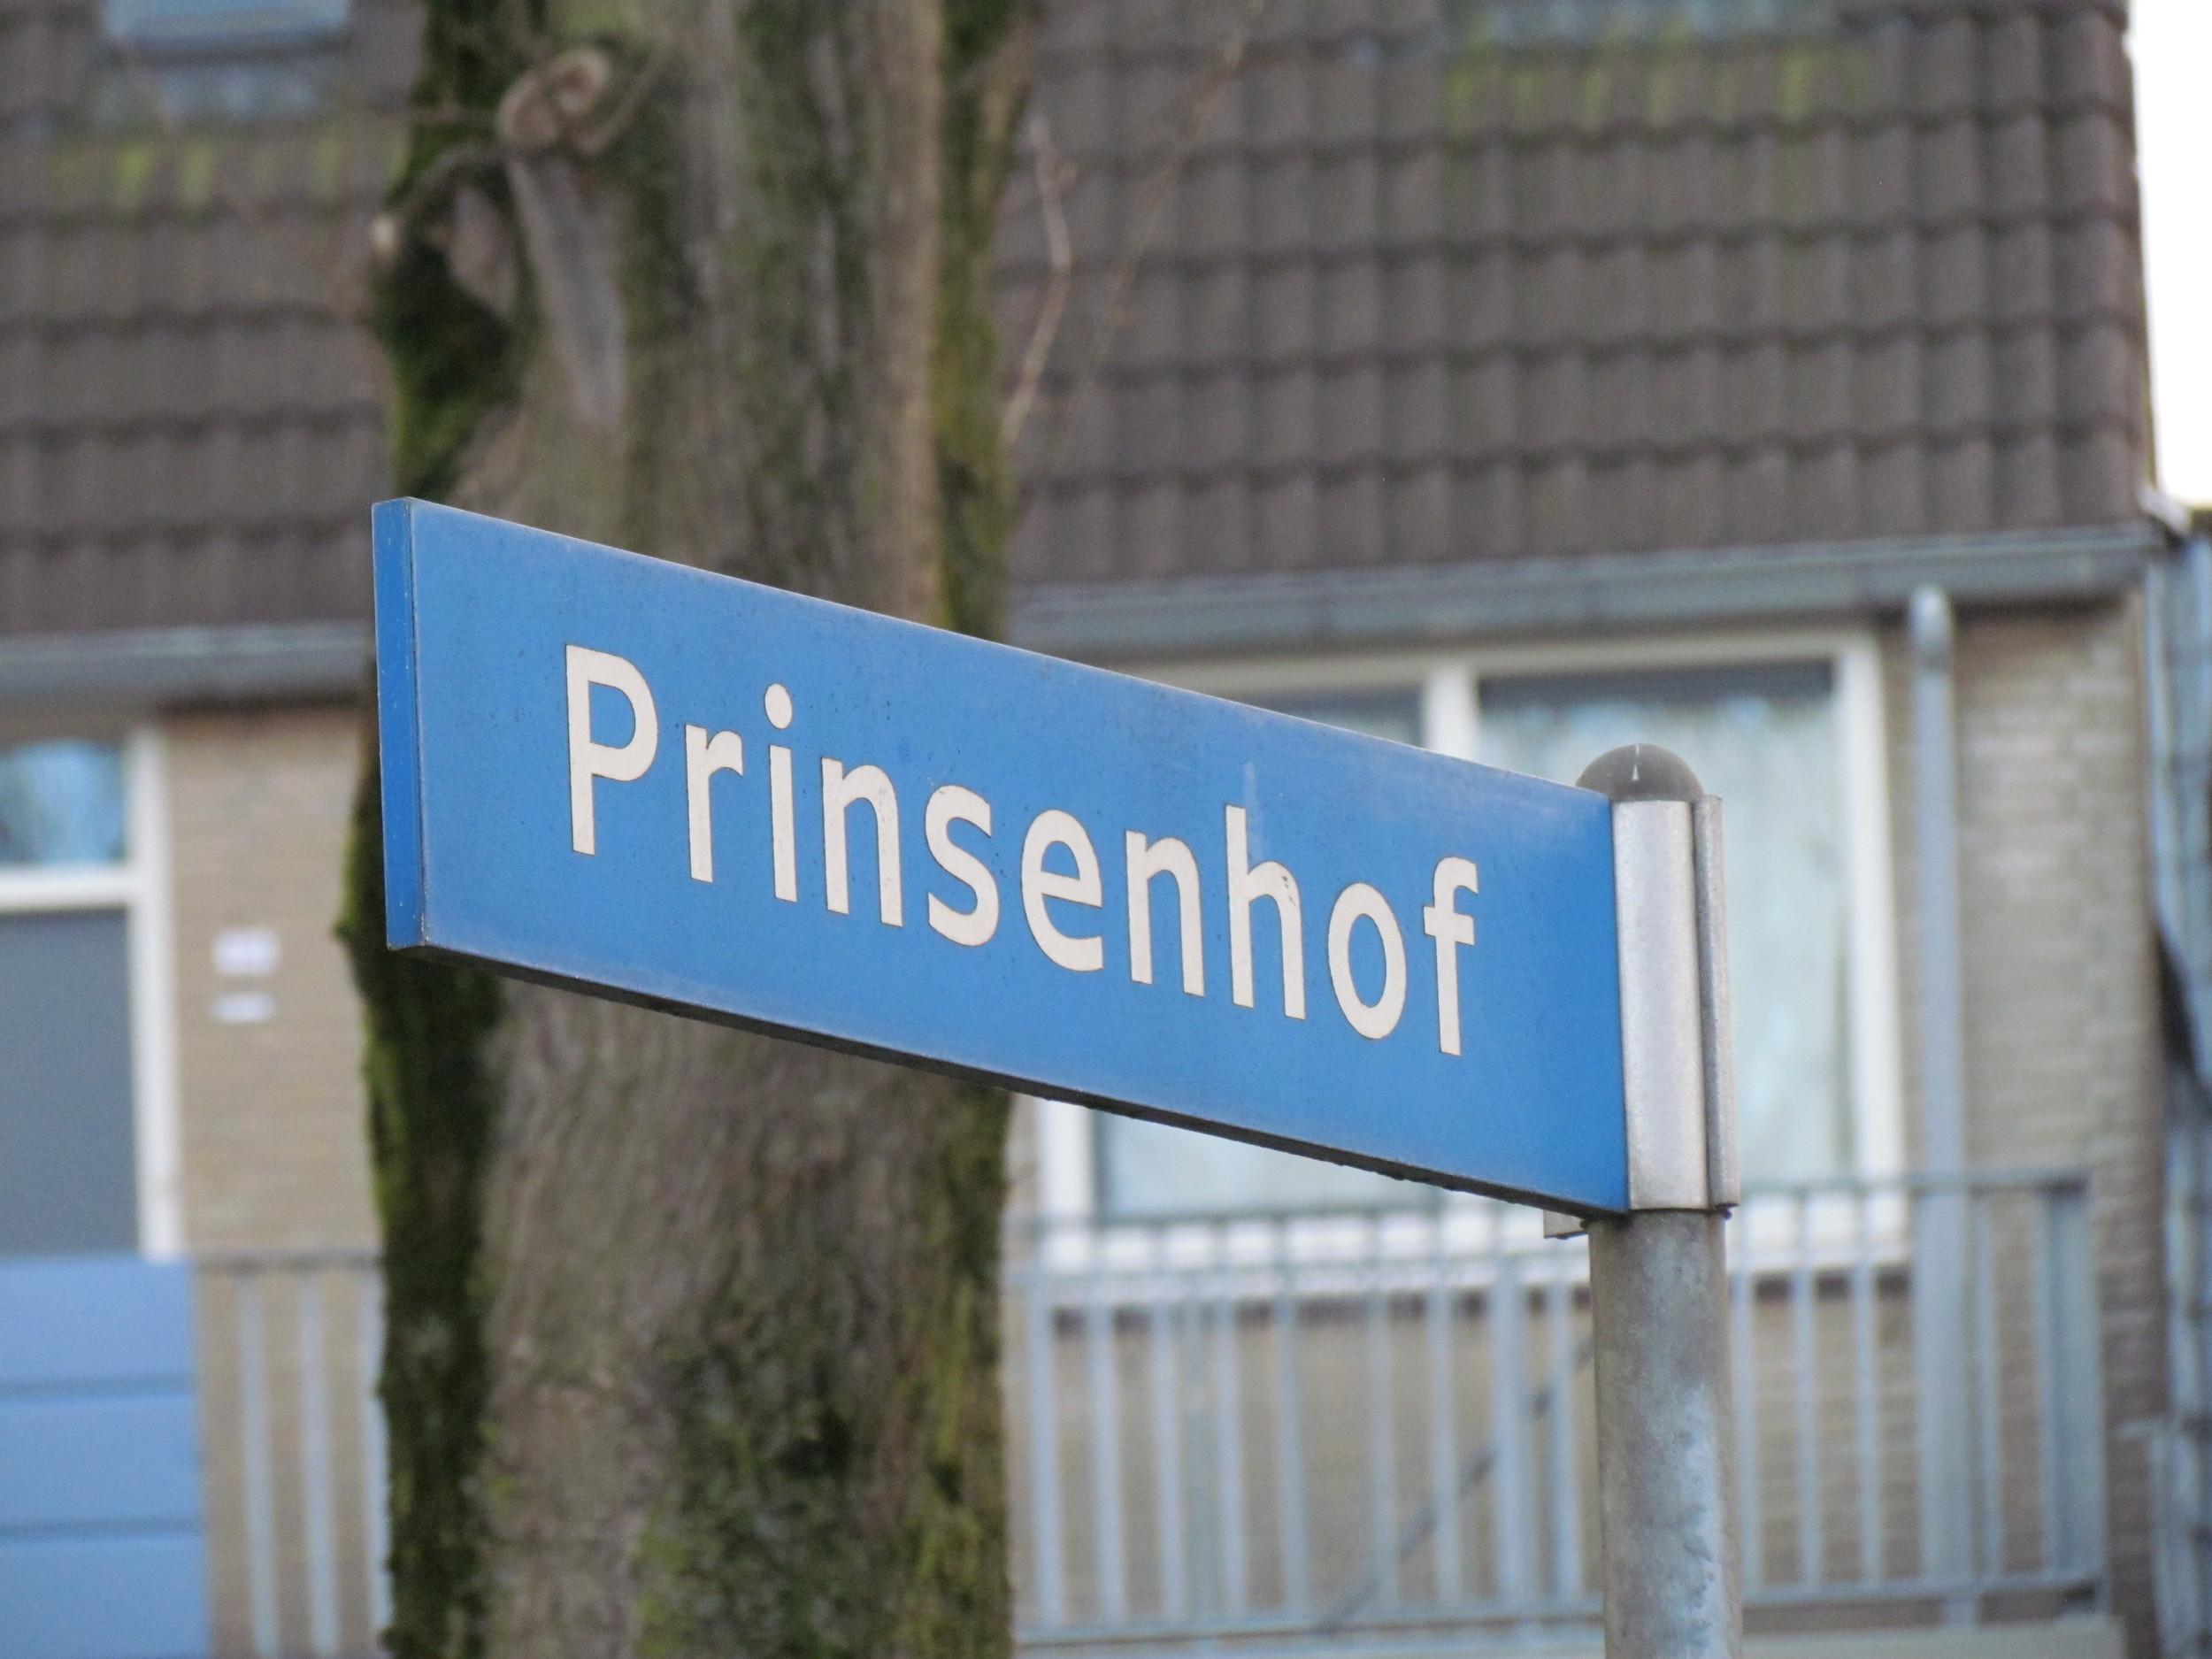 Our old street in Capelle aan den Ijssel